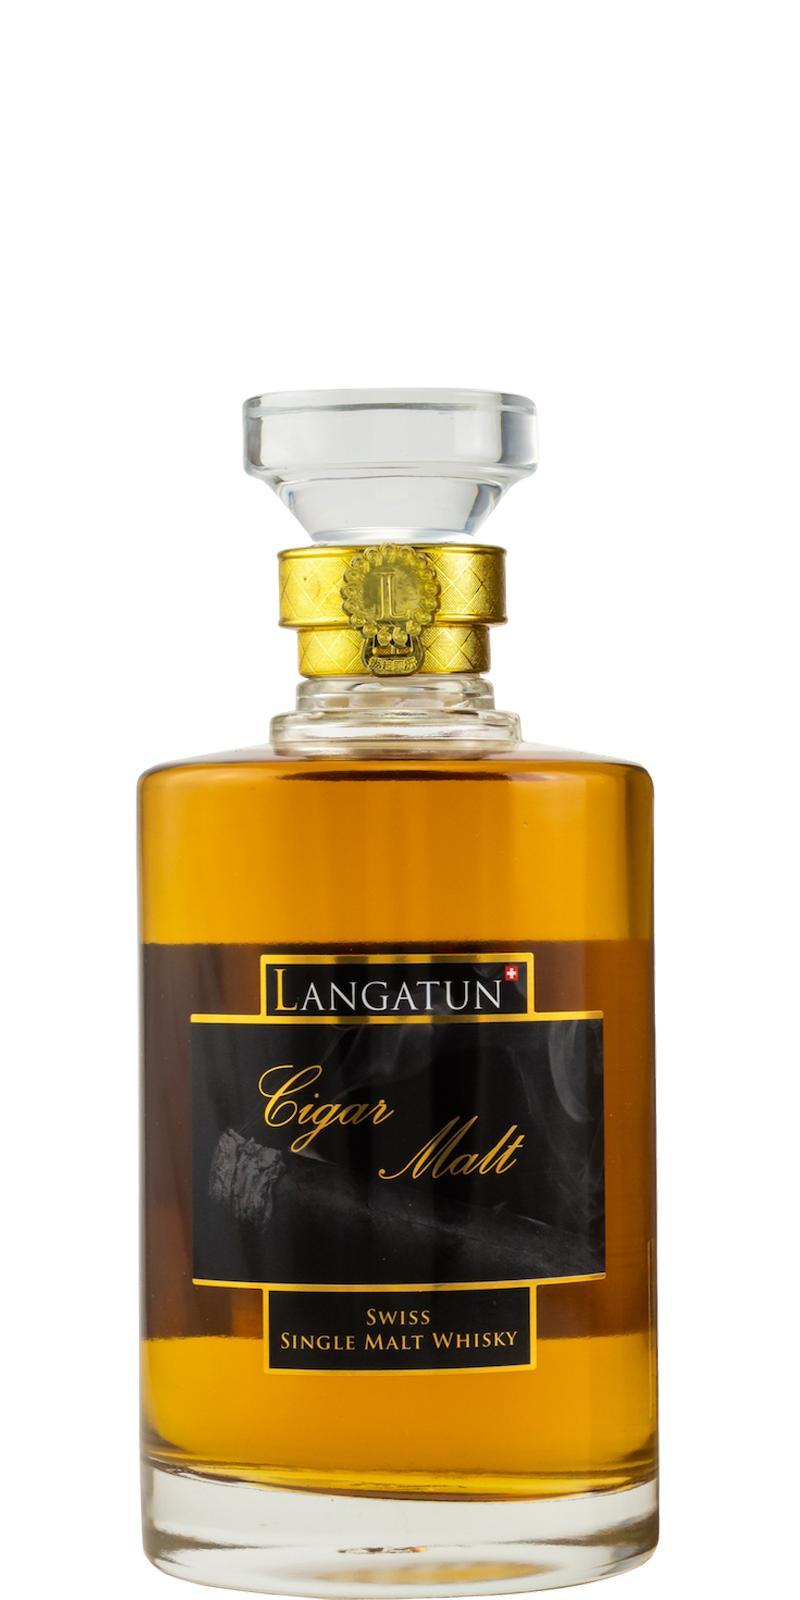 Langatun 2014 - Cigar Malt